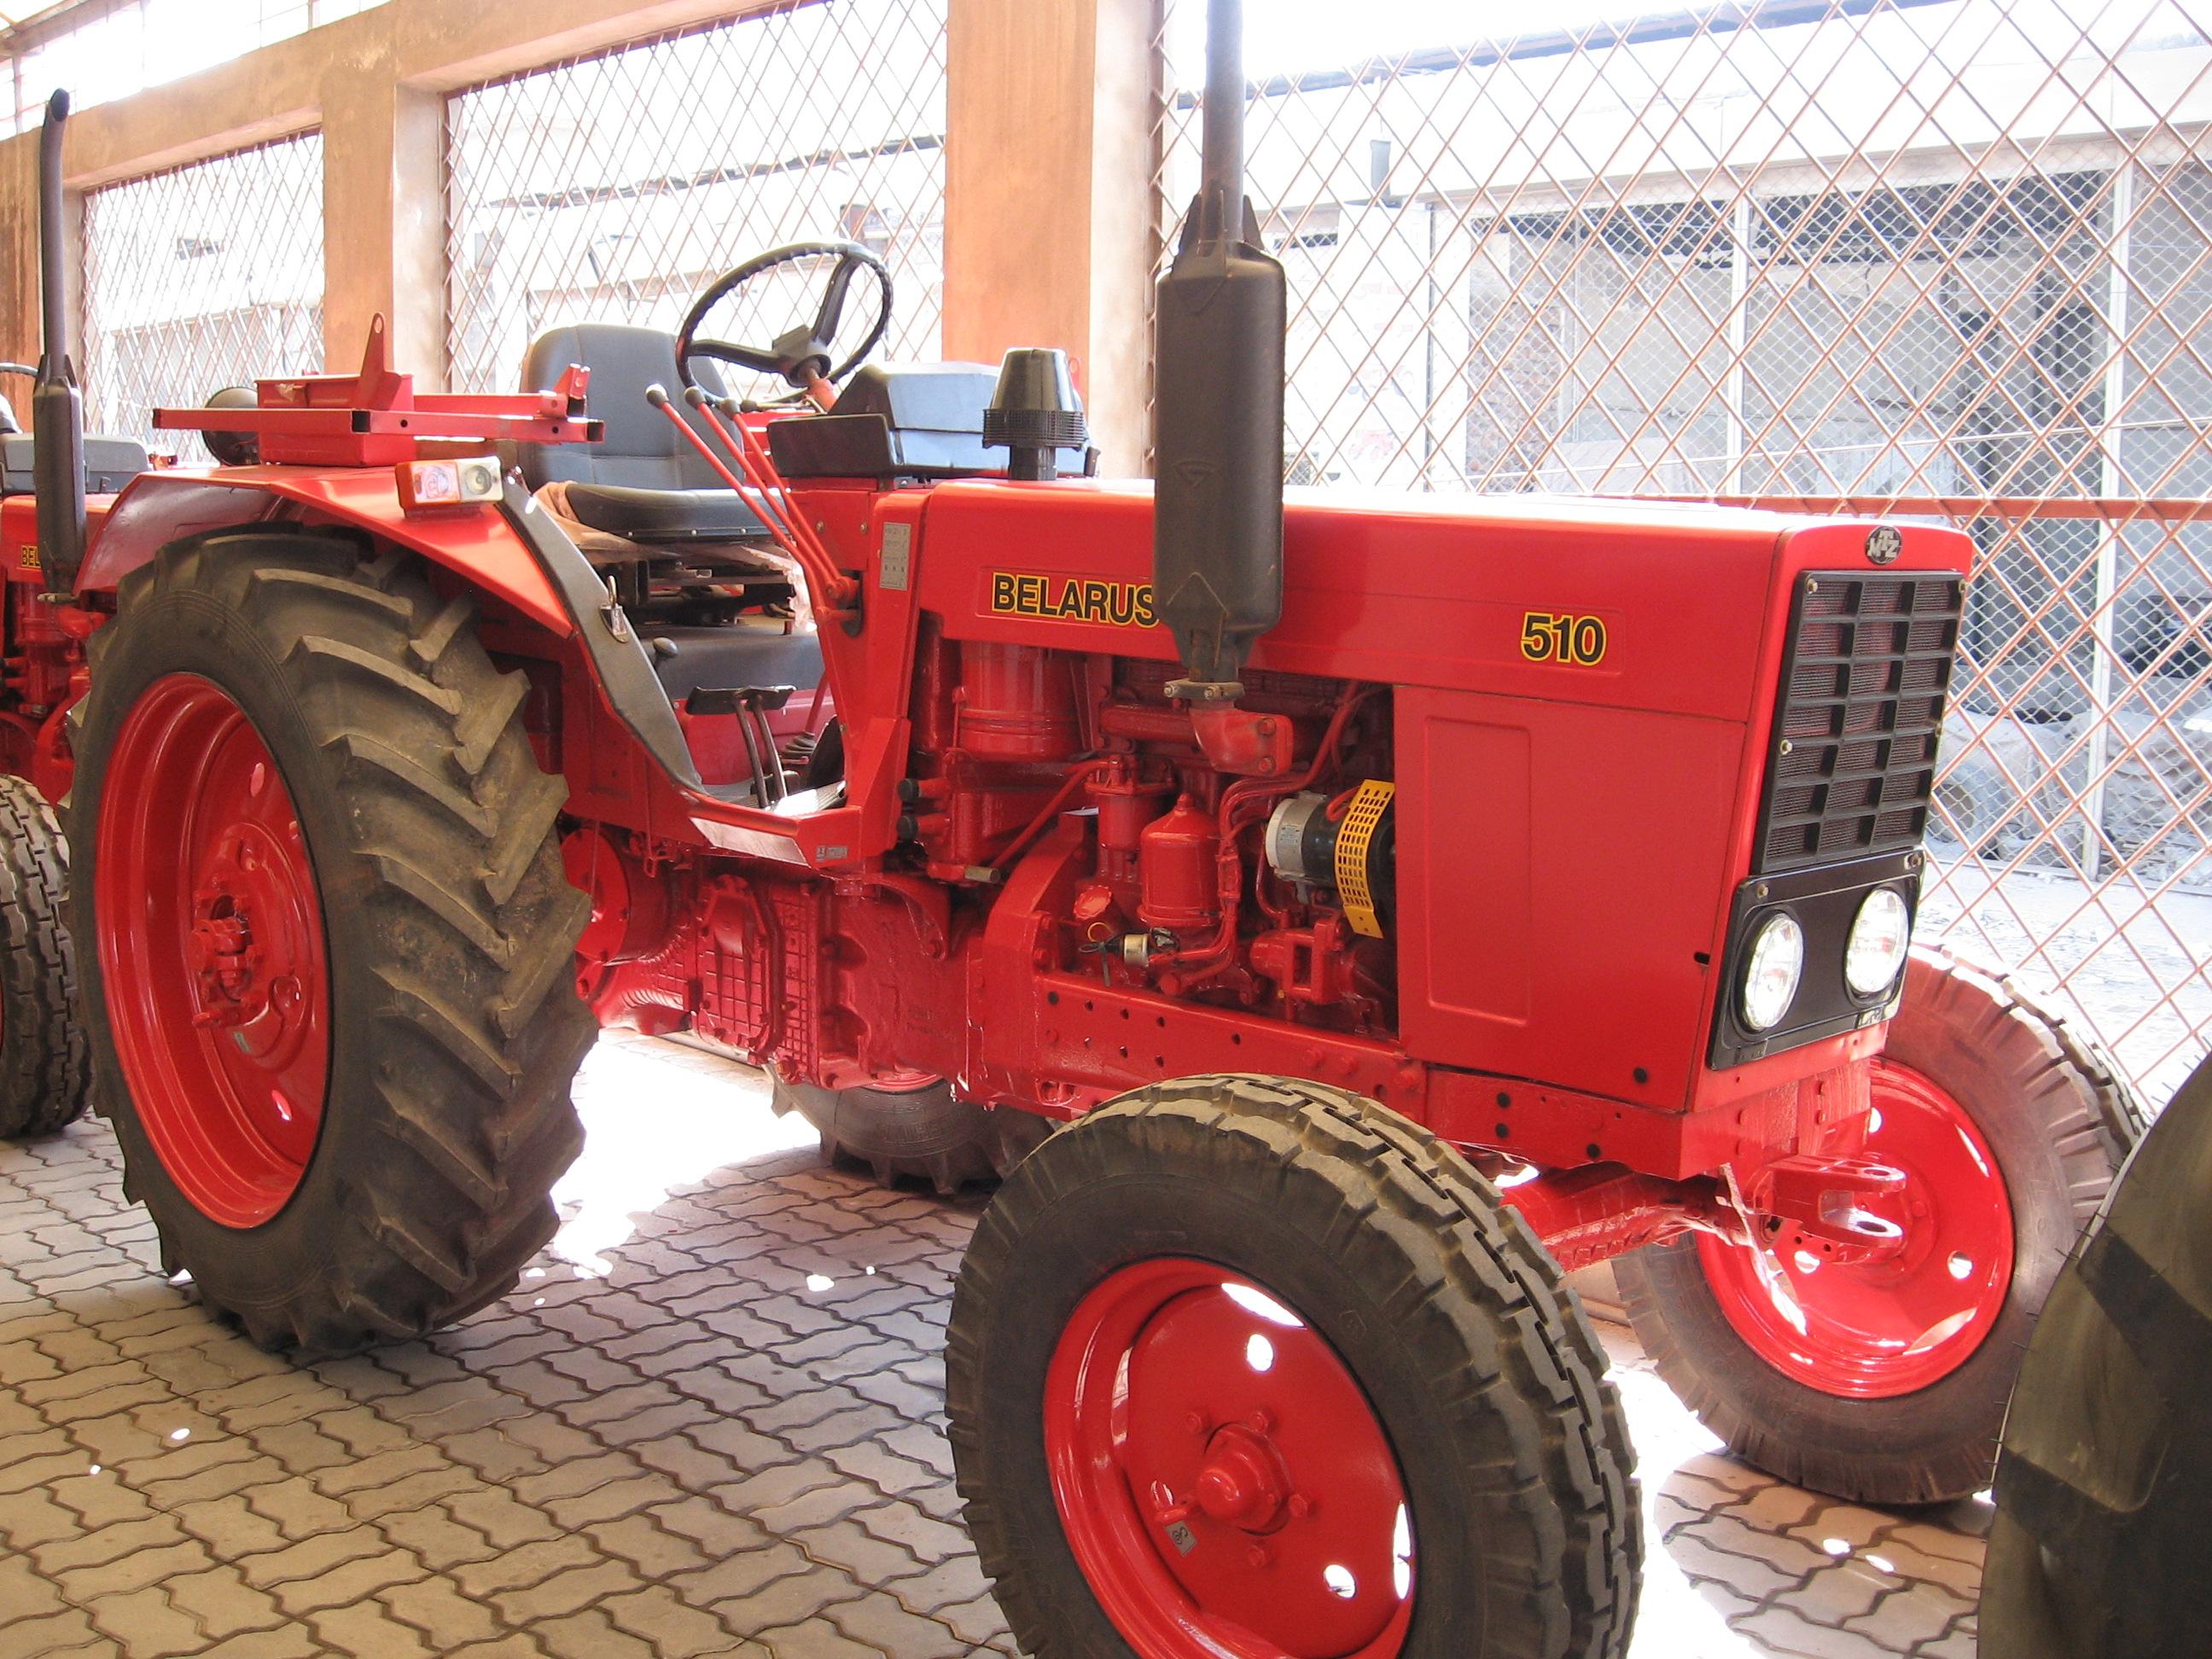 Belarus 510 Tractor Belarus Tractors Pakistan